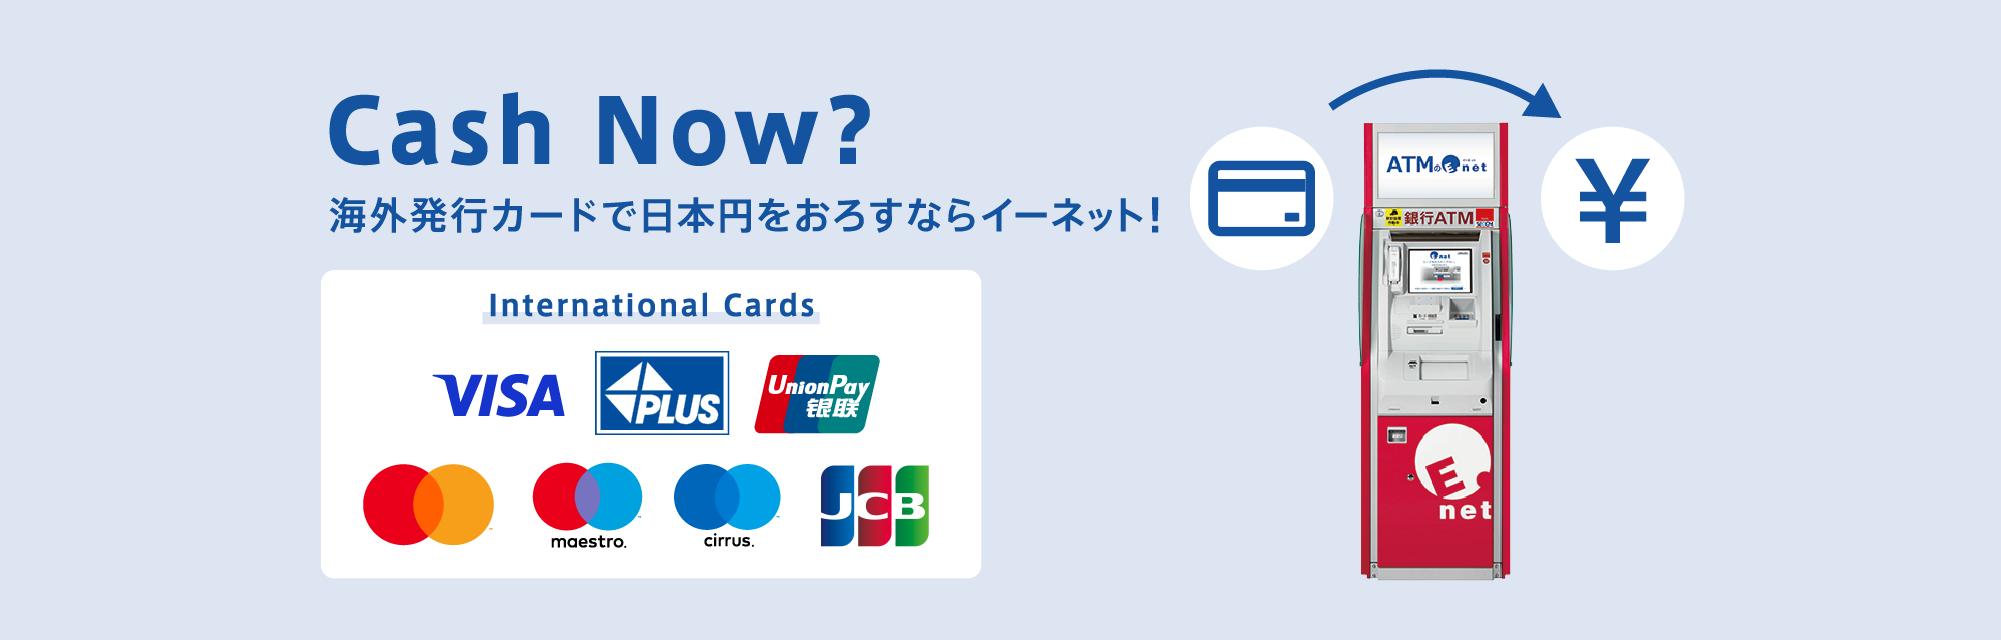 Cash Now? 海外発行カードで日本円をおろすならイーネット!